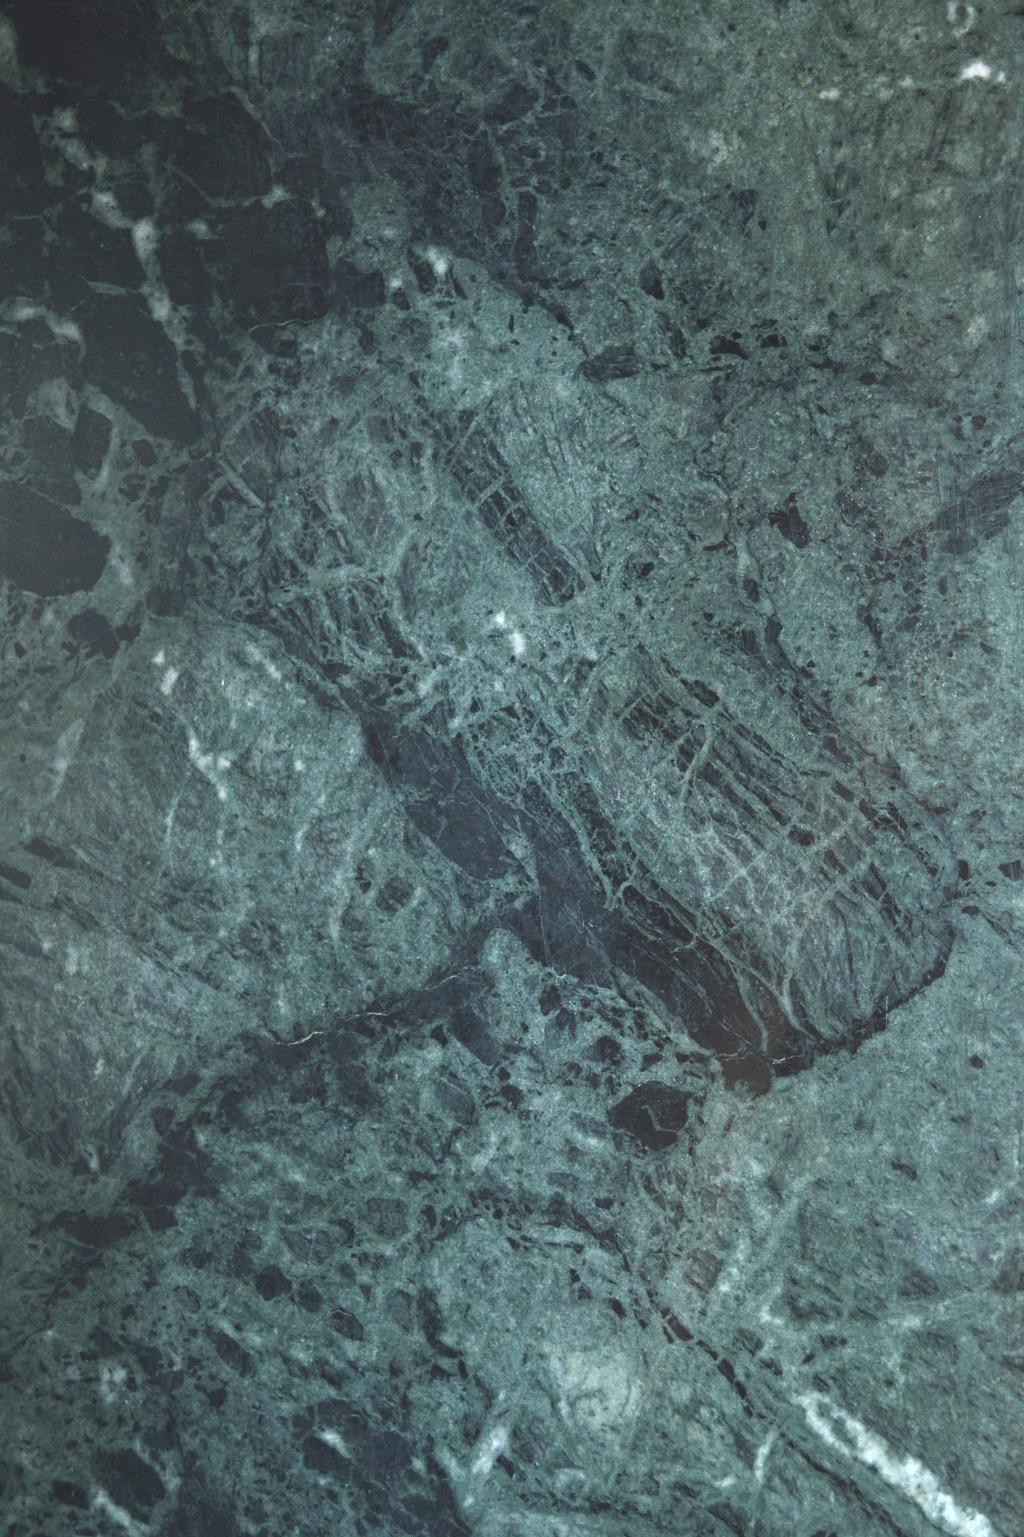 石材名称 墙体 墙面装饰 地板贴图 天花板 3d渲染 石纹 材质 石材纹理